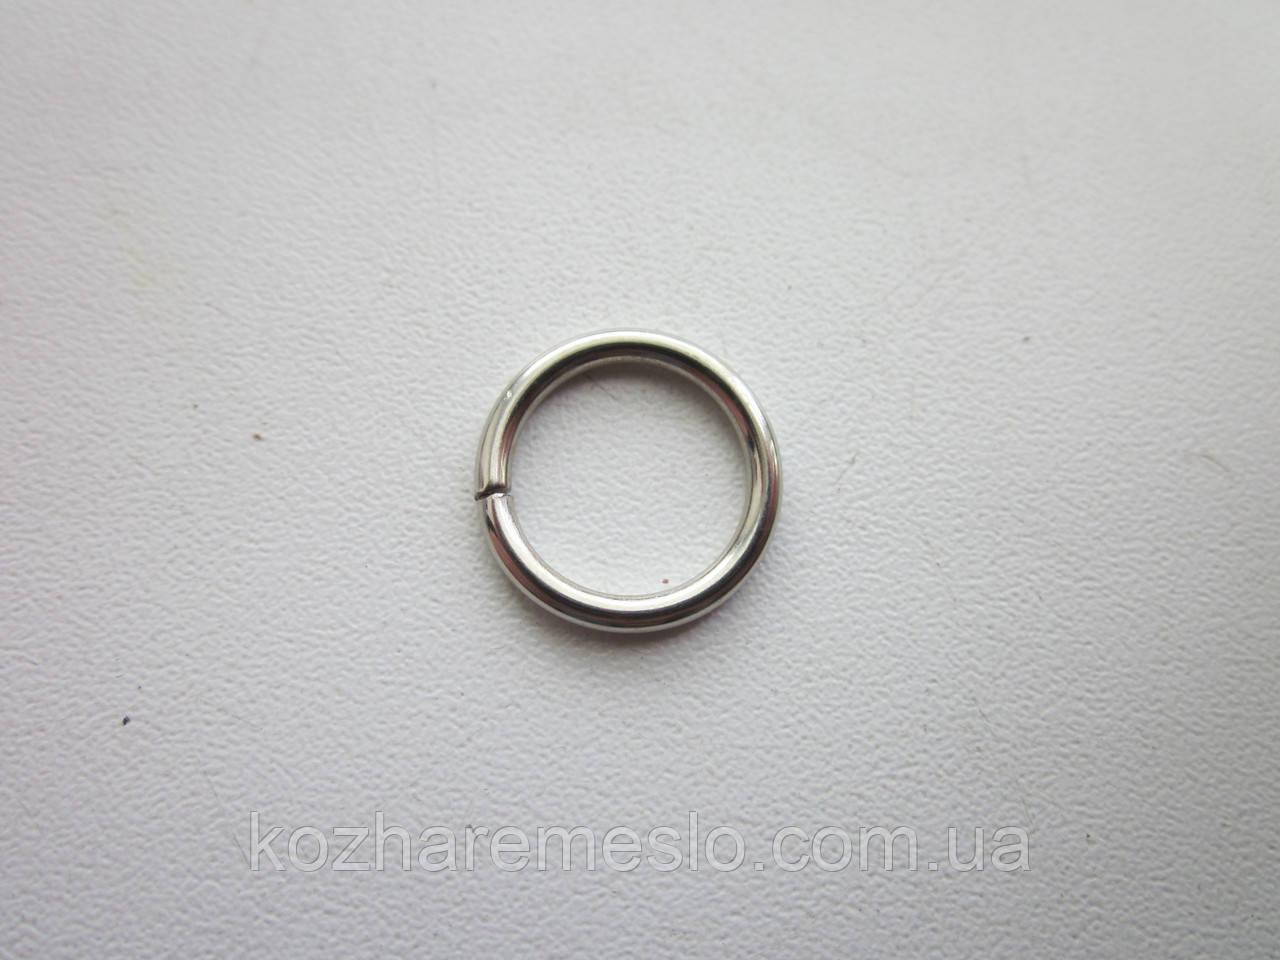 Кольцо проволочное 1.5  х 8 мм никель